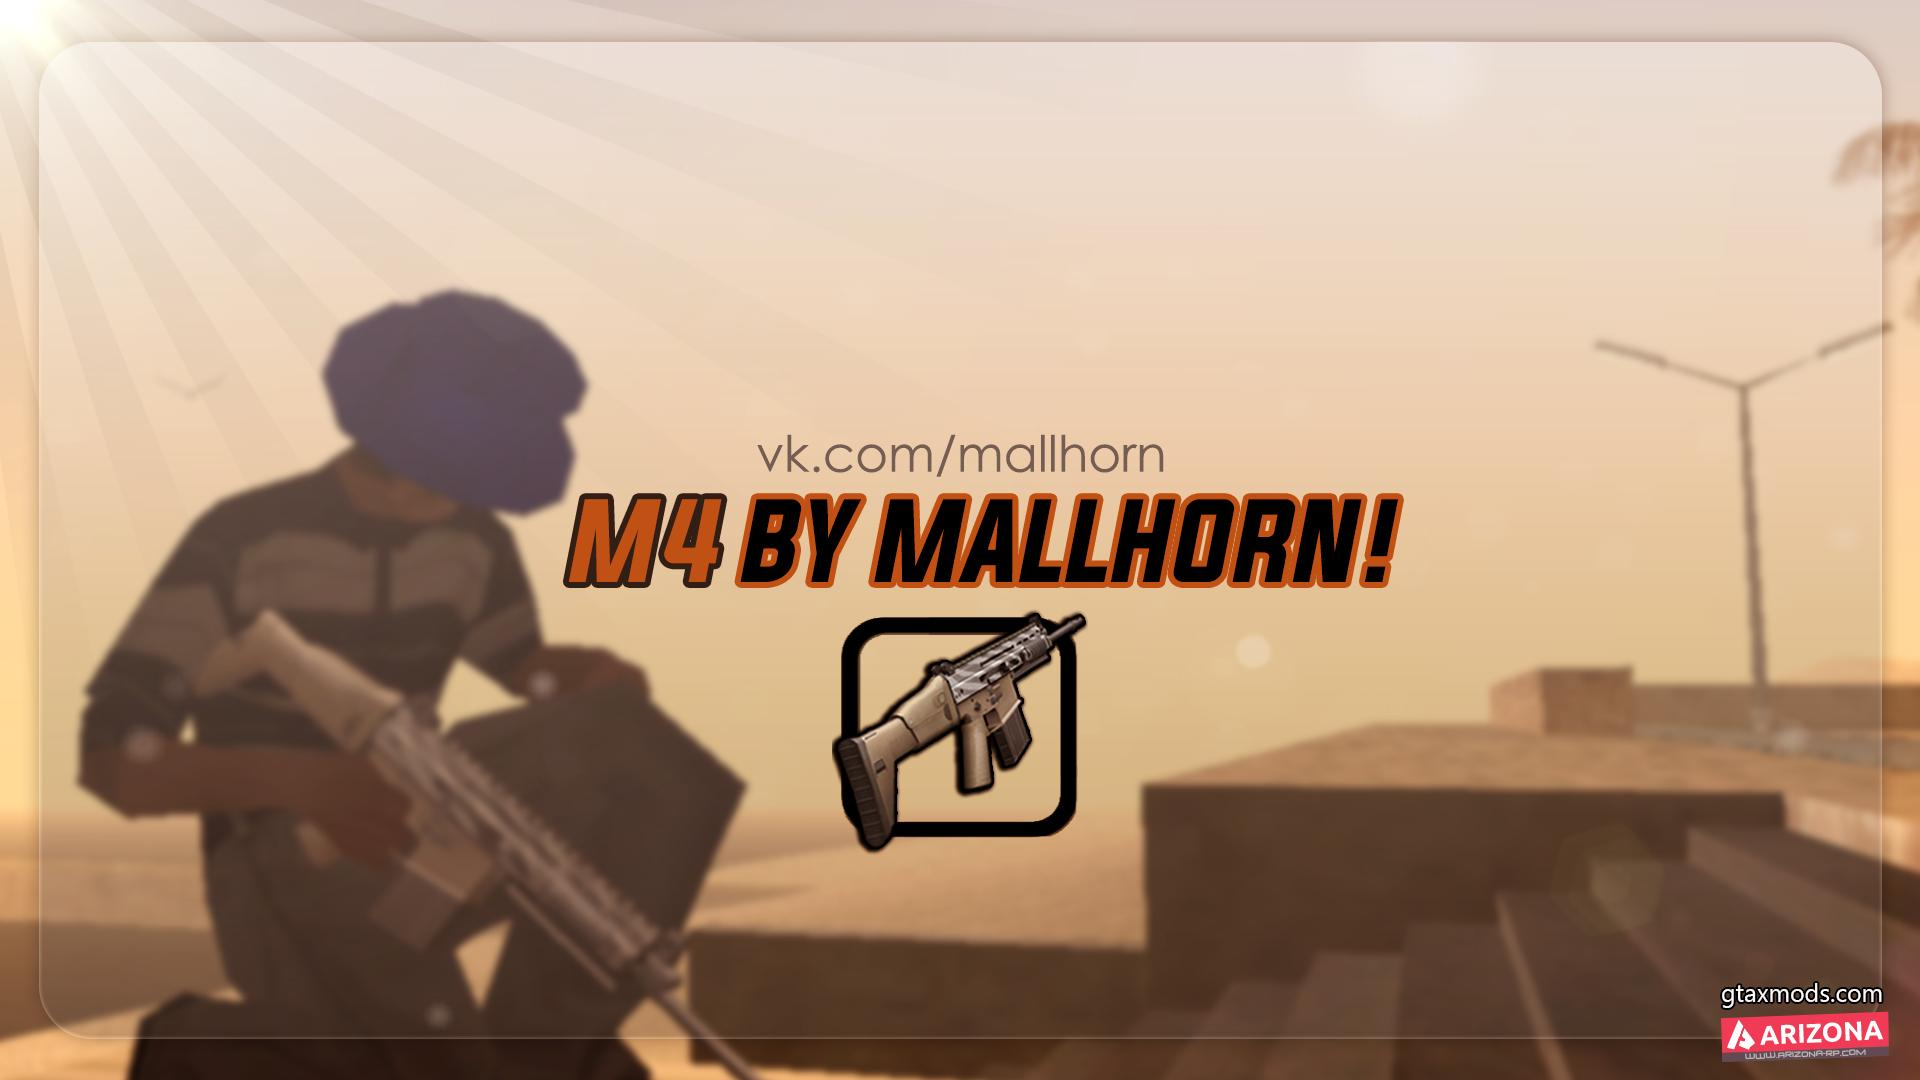 M4 (SCAR) BY MALLHORN!